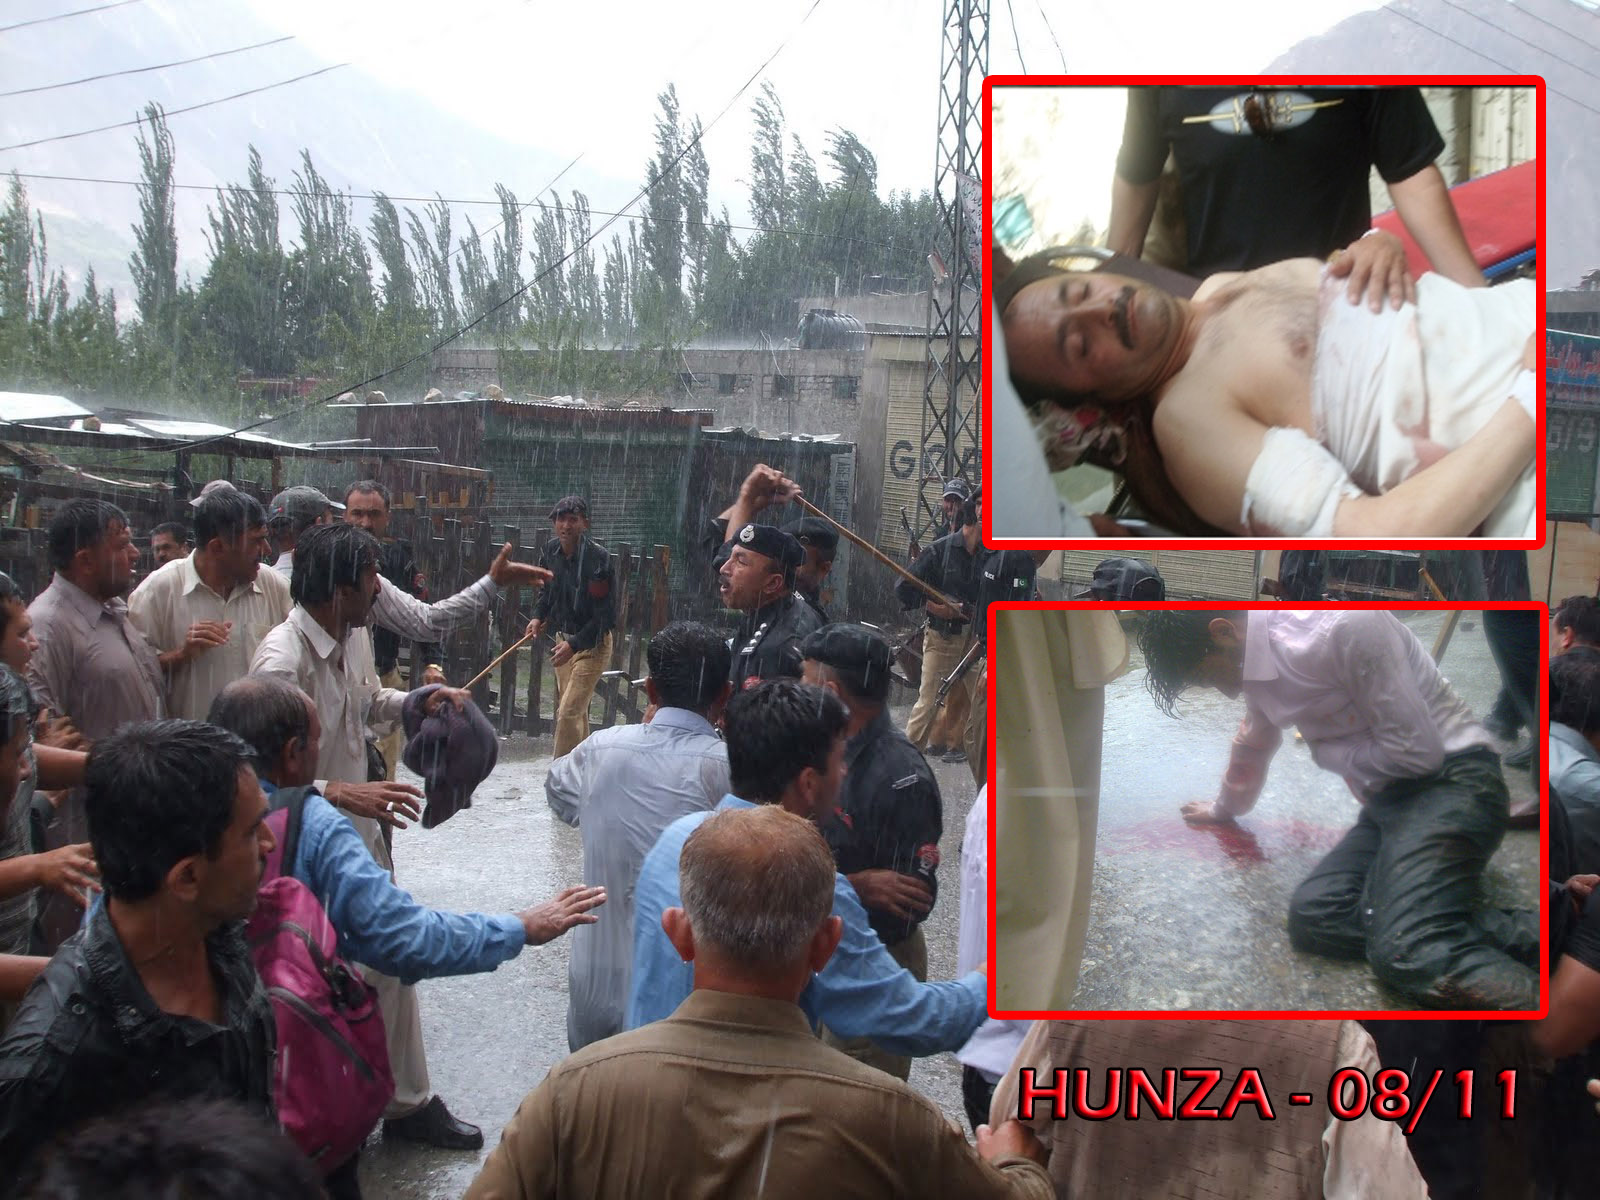 سانحہ علی آباد میں عدالت سے سزا پانے والے پانچ افراد نے ازخود گرفتاری دے دی